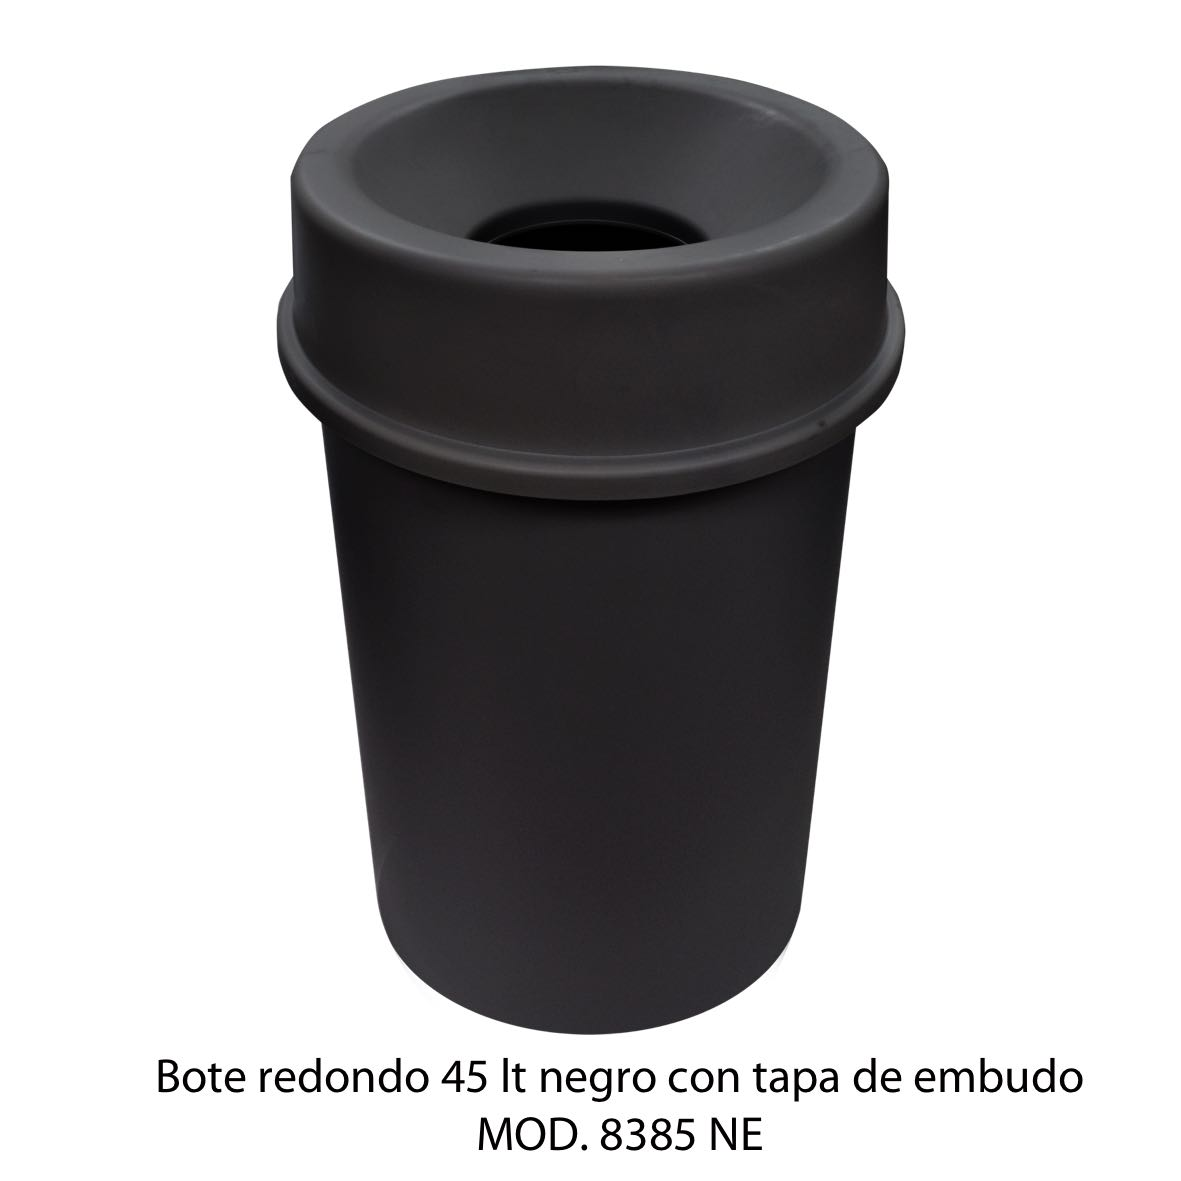 Bote de basura redondo 45 litros con tapa de embudo color negro modelo 8385 NE Sablón